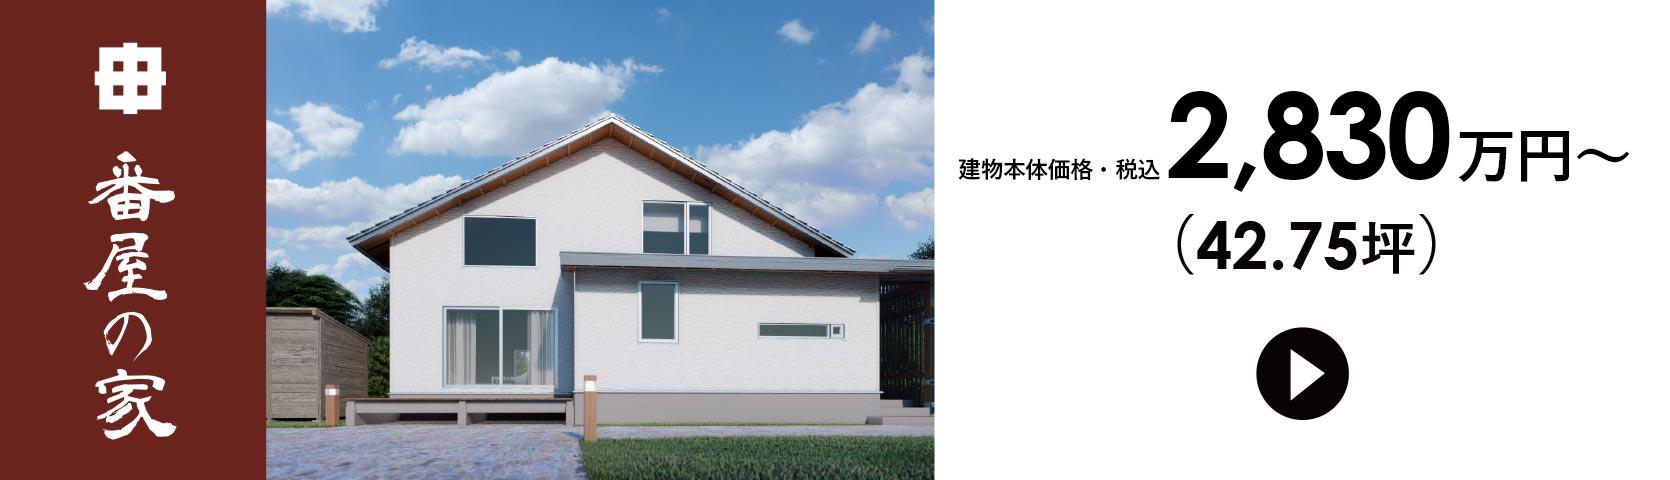 番屋 - 42.75坪 - 2,460.7万円